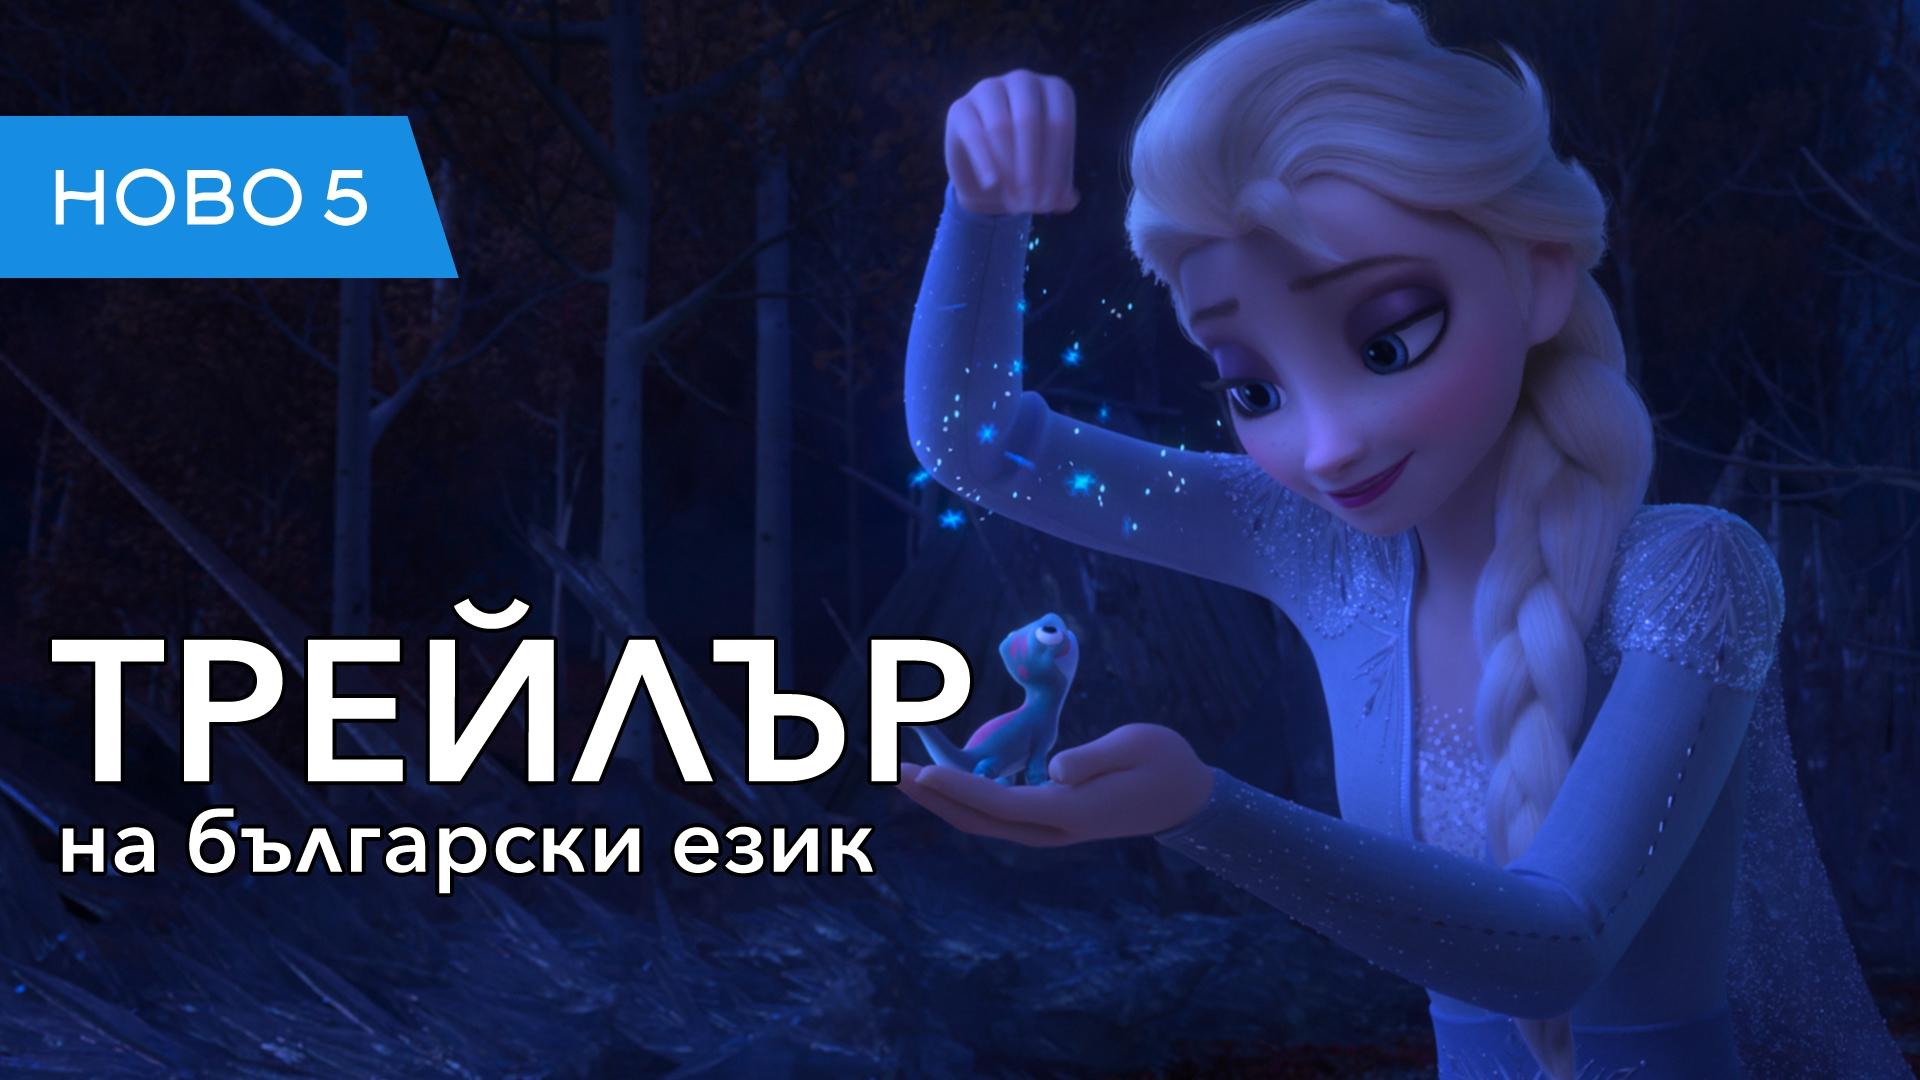 Замръзналото кралство 2 (2019) последен трейлър на български език